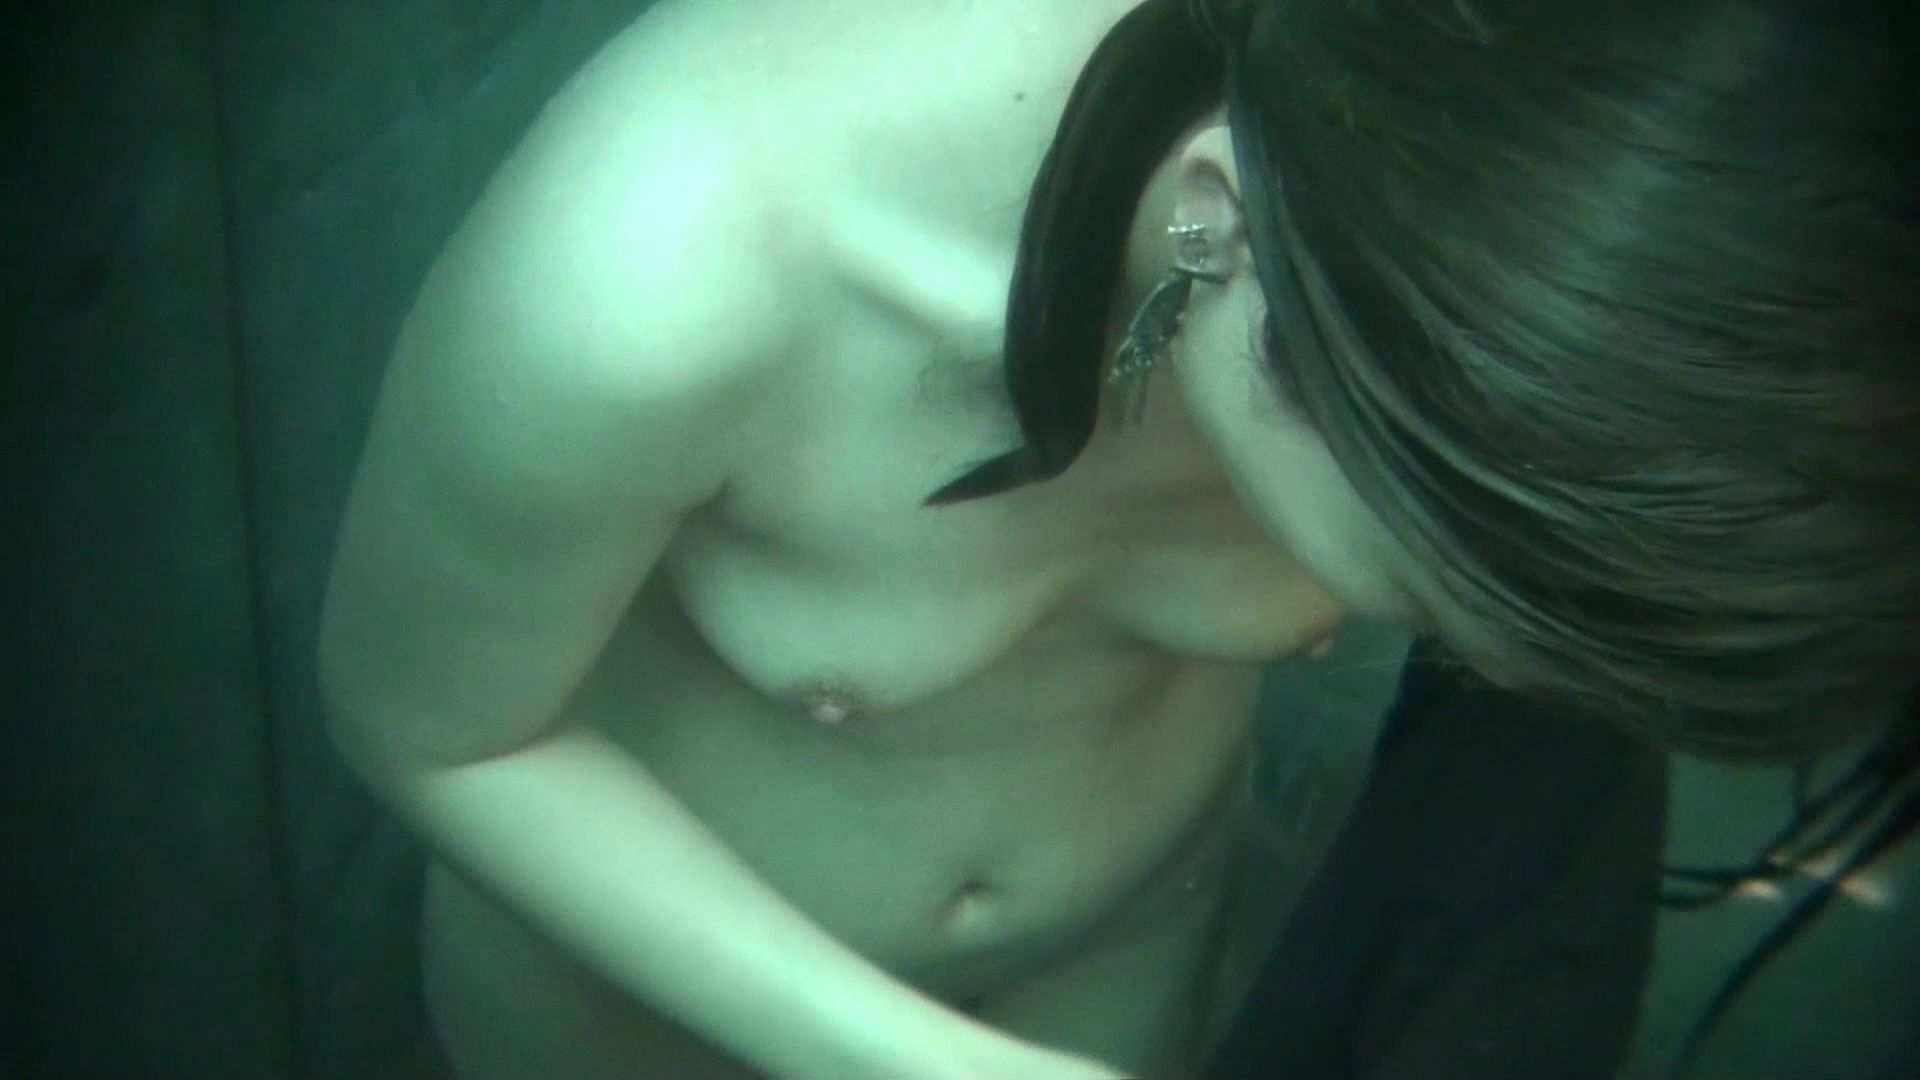 シャワールームは超!!危険な香りVol.12 女性のおまんこには予想外の砂が混入しているようです。 おまんこ | シャワー  101pic 81